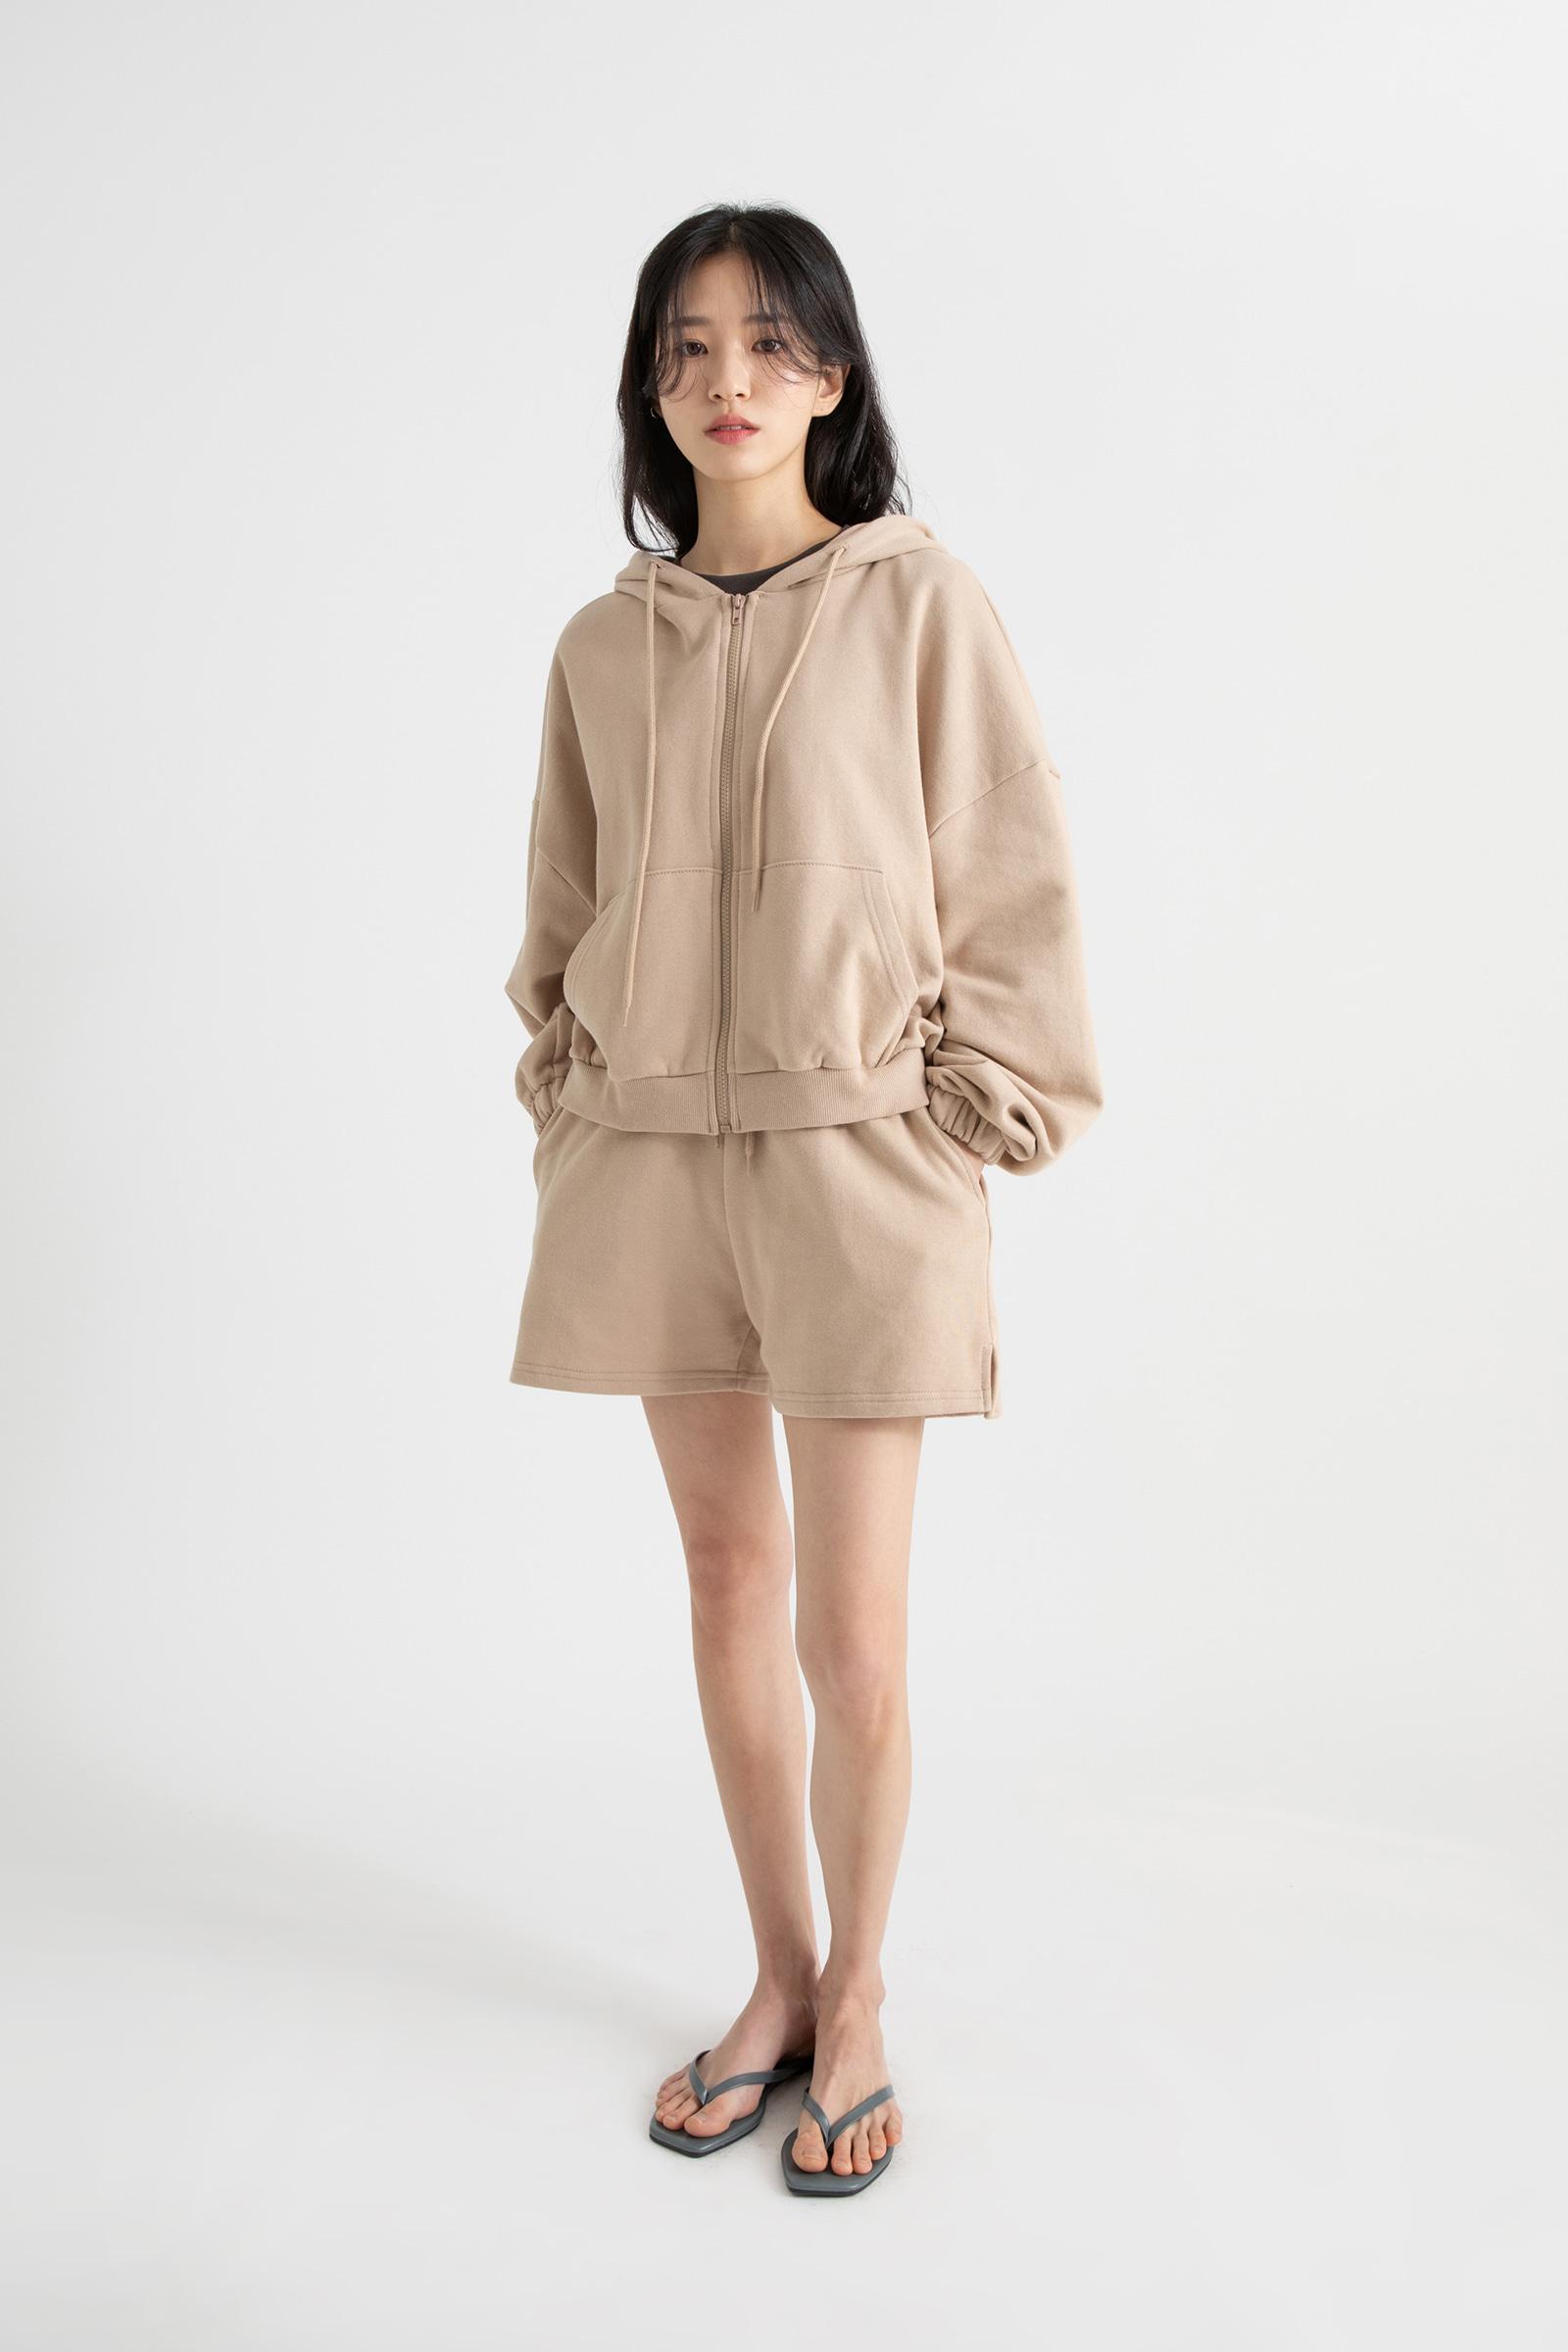 Cozy hooded zip-up sweatshirt